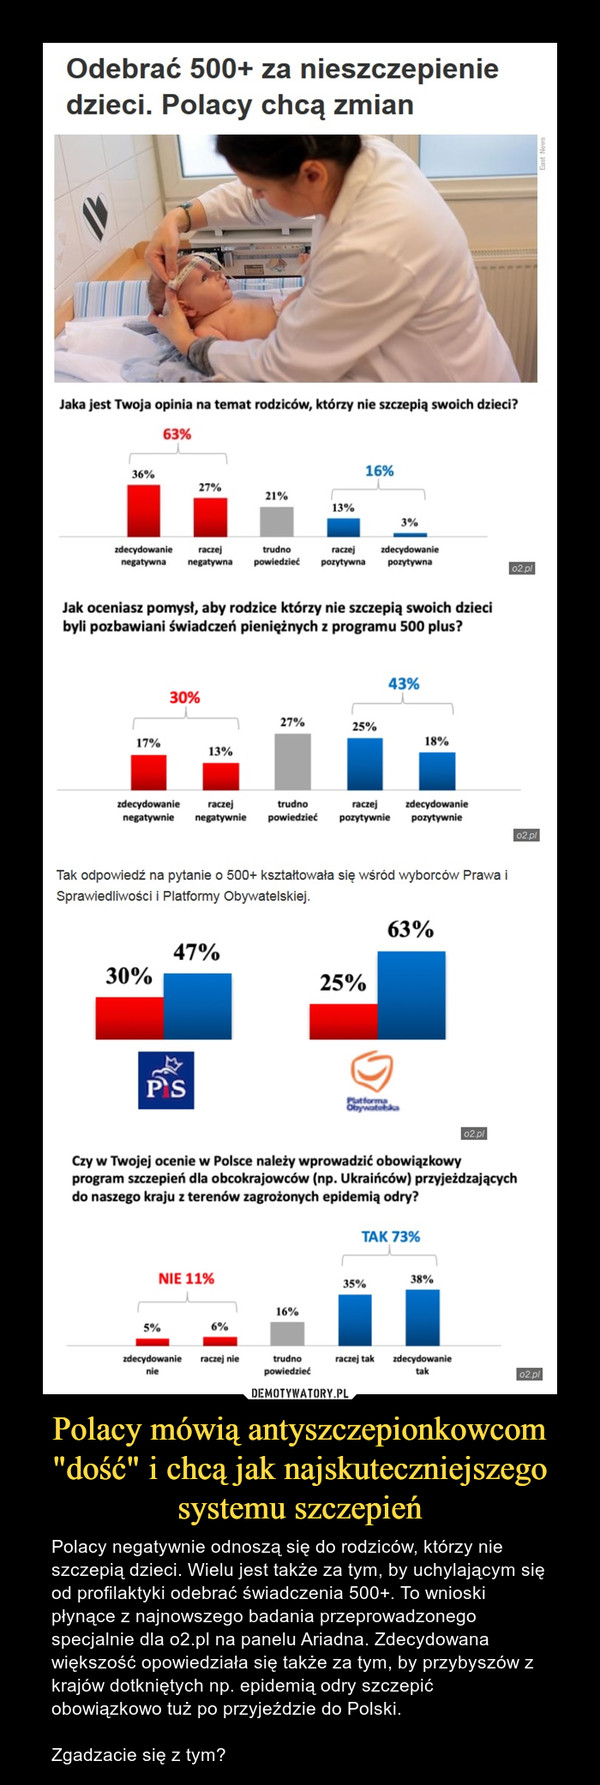 """Polacy mówią antyszczepionkowcom """"dość"""" i chcą jak najskuteczniejszego systemu szczepień – Polacy negatywnie odnoszą się do rodziców, którzy nie szczepią dzieci. Wielu jest także za tym, by uchylającym się od profilaktyki odebrać świadczenia 500+. To wnioski płynące z najnowszego badania przeprowadzonego specjalnie dla o2.pl na panelu Ariadna. Zdecydowana większość opowiedziała się także za tym, by przybyszów z krajów dotkniętych np. epidemią odry szczepić obowiązkowo tuż po przyjeździe do Polski. Zgadzacie się z tym? Odebrać 500+ za nieszczepienie dzieci. Polacy chcą zmian Jaka jest Twoja opinia na temat rodziców, którzy nie szczepią swoich dzieci? Jak oceniasz pomysł, aby rodzice którzy nie szczepią swoich dzieci byli pozbawiani świadczeń pieniężnych z programu 500 plus?Tak odpowiedź na pytanie 0 500+ kształtowała się wśród """"borców Prawa i Sprawiedliwości i Platformy Obywatelskiej. Czy w Twojej ocenie w Polsce należy wprowadzić obowiązkowy program szczepień dla obcokrajowców (np. Ukraińców) przyjeżdzających do naszego kraju z terenów zagrożonych epidemią odry?"""